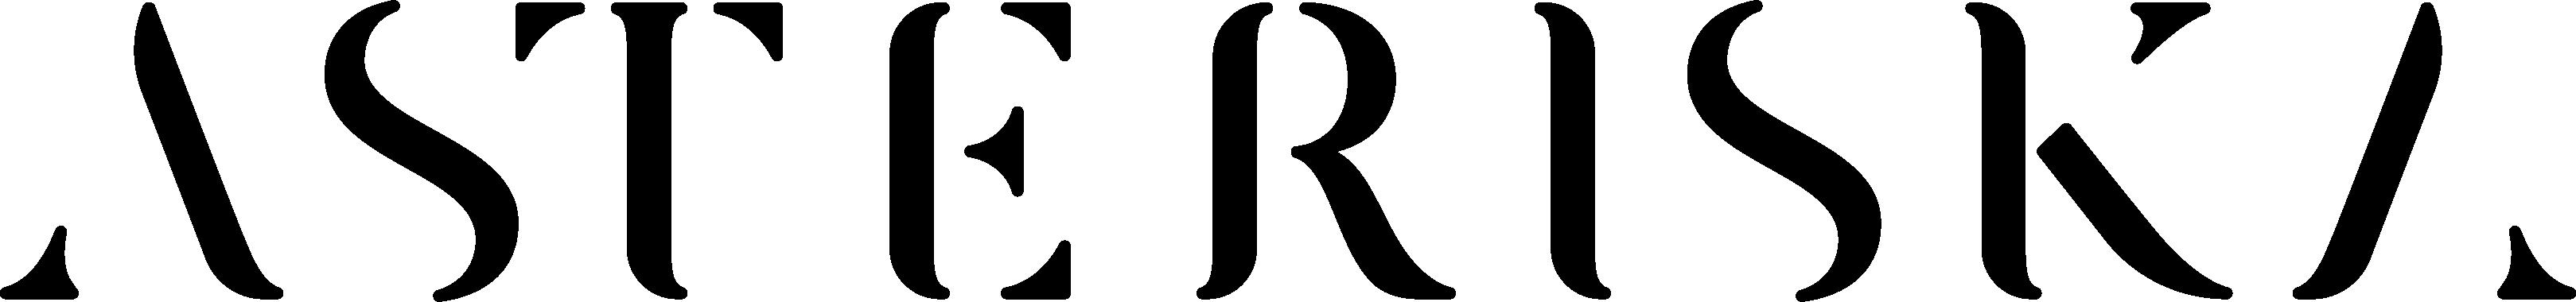 ASTERISKA 02 - BLACK